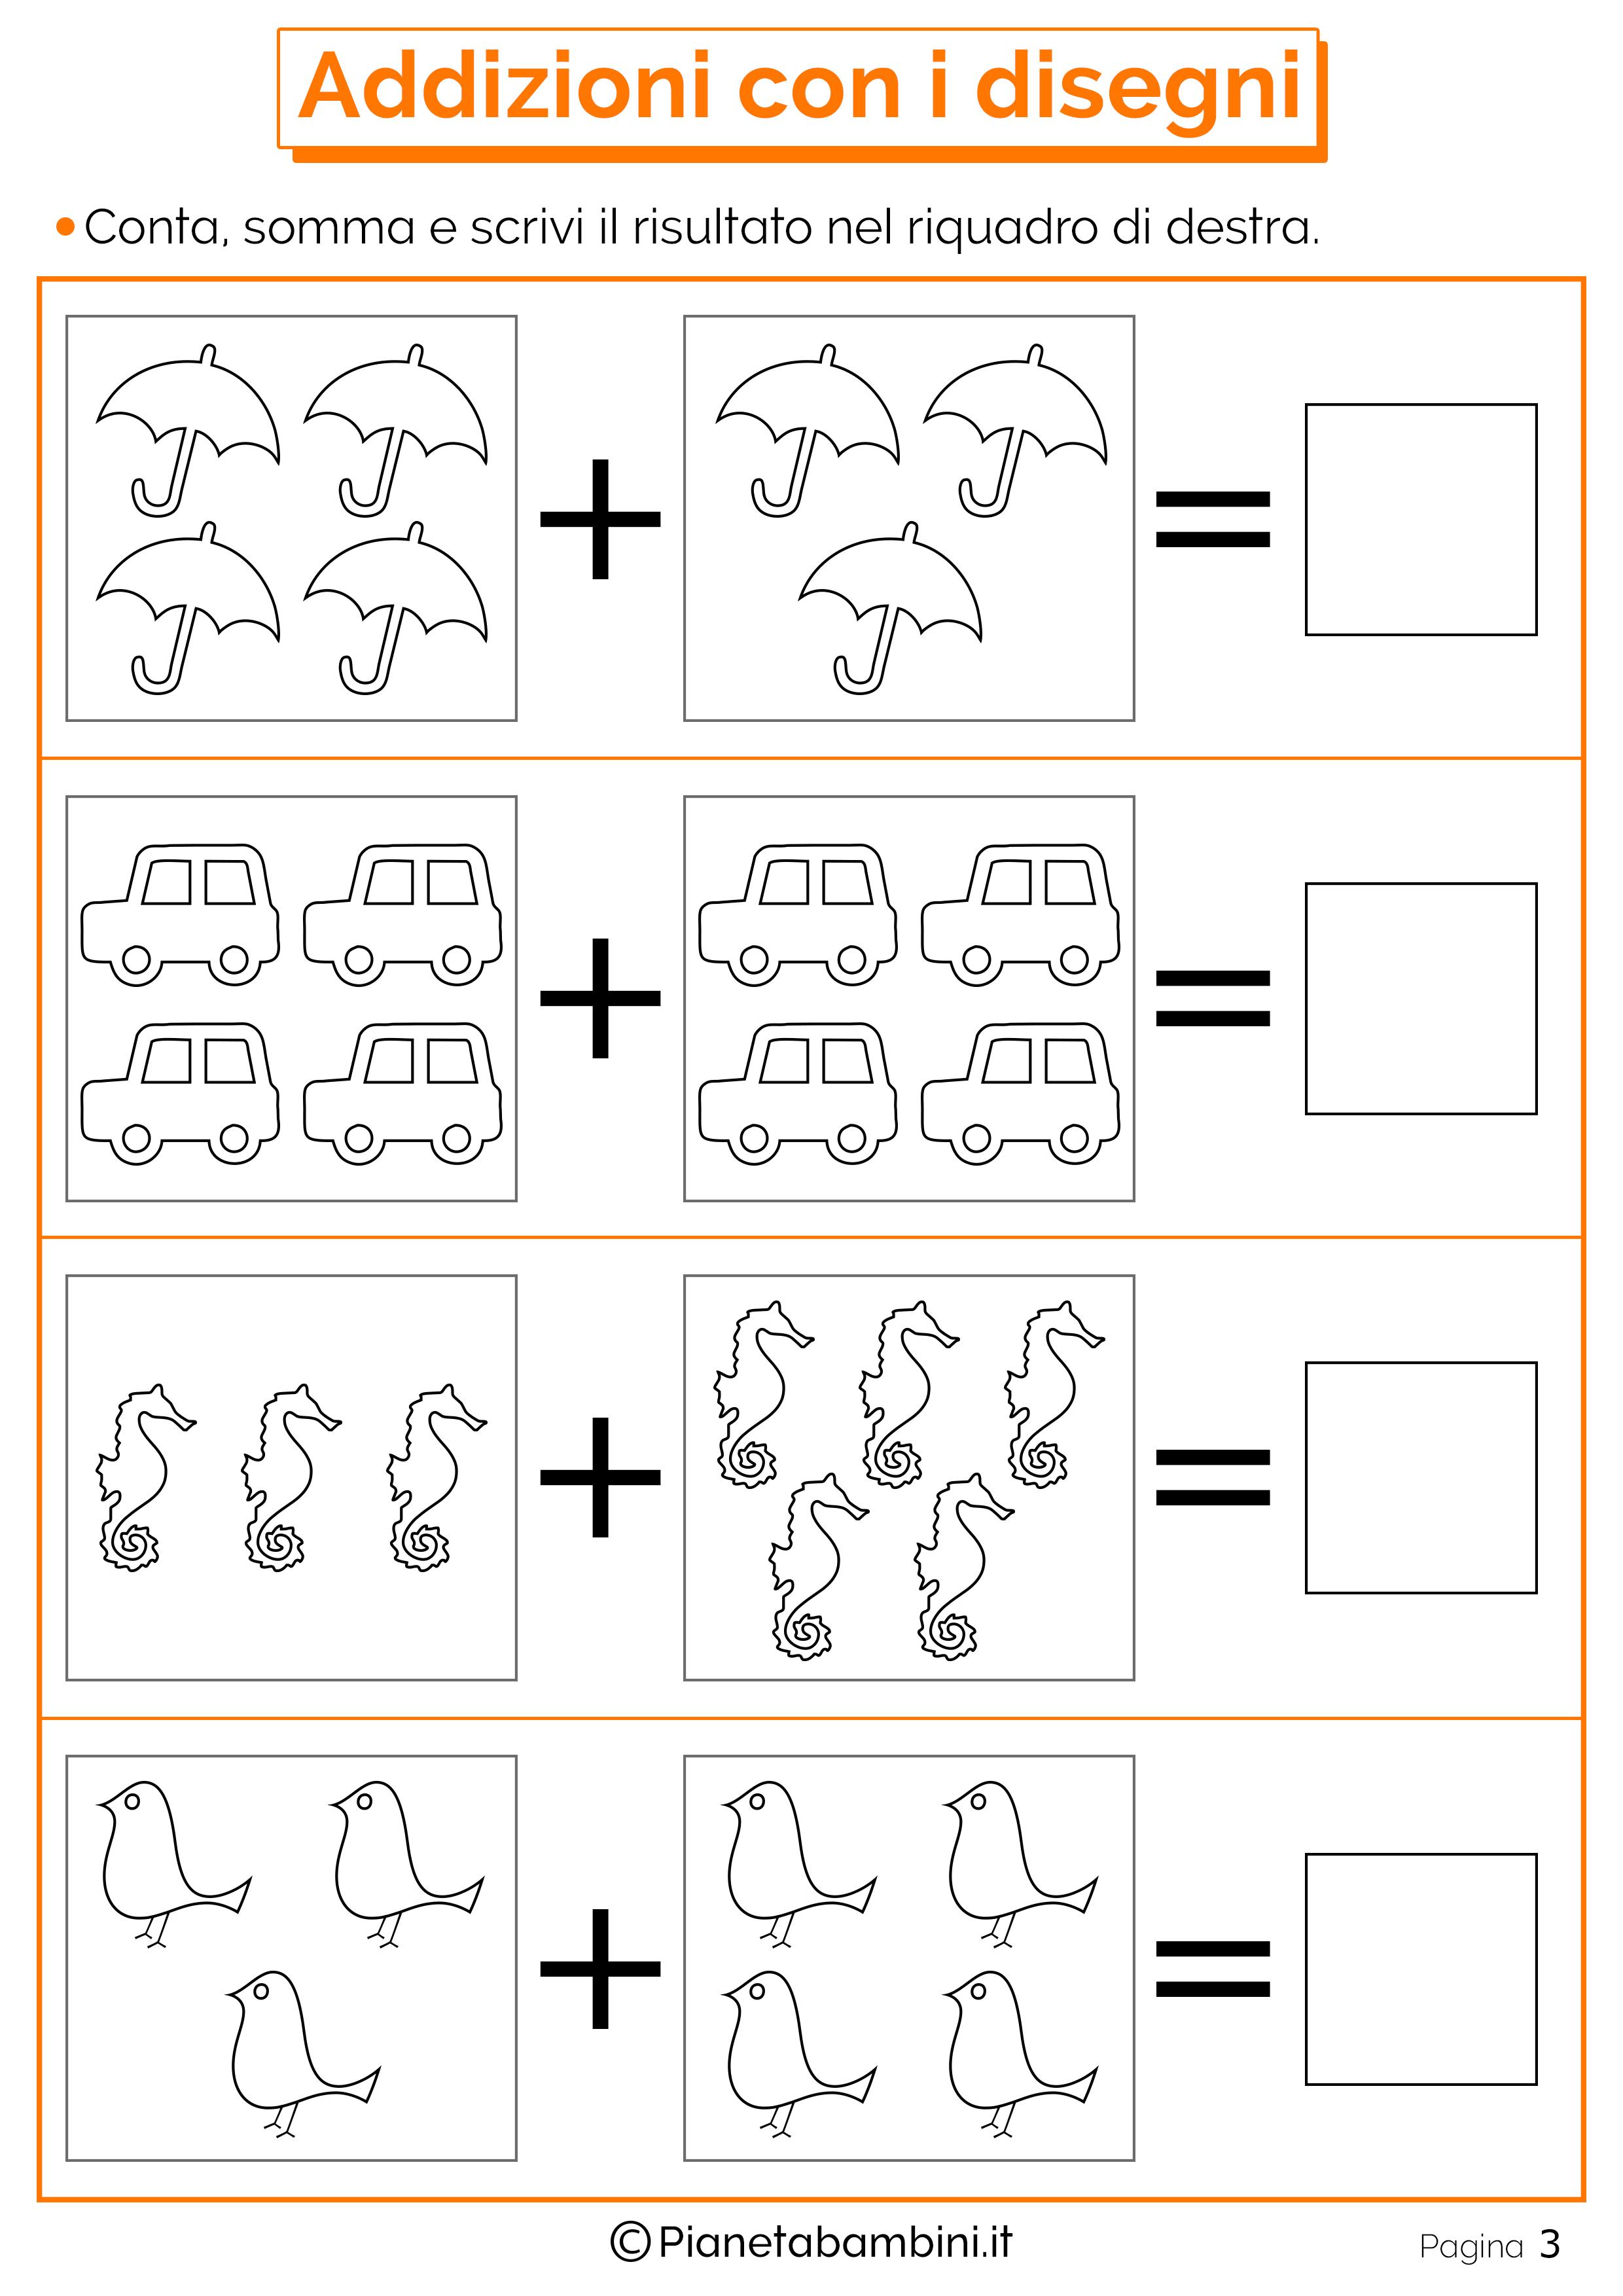 Très Giochi di Matematica sulle Addizioni per Bambini da Stampare  TA54